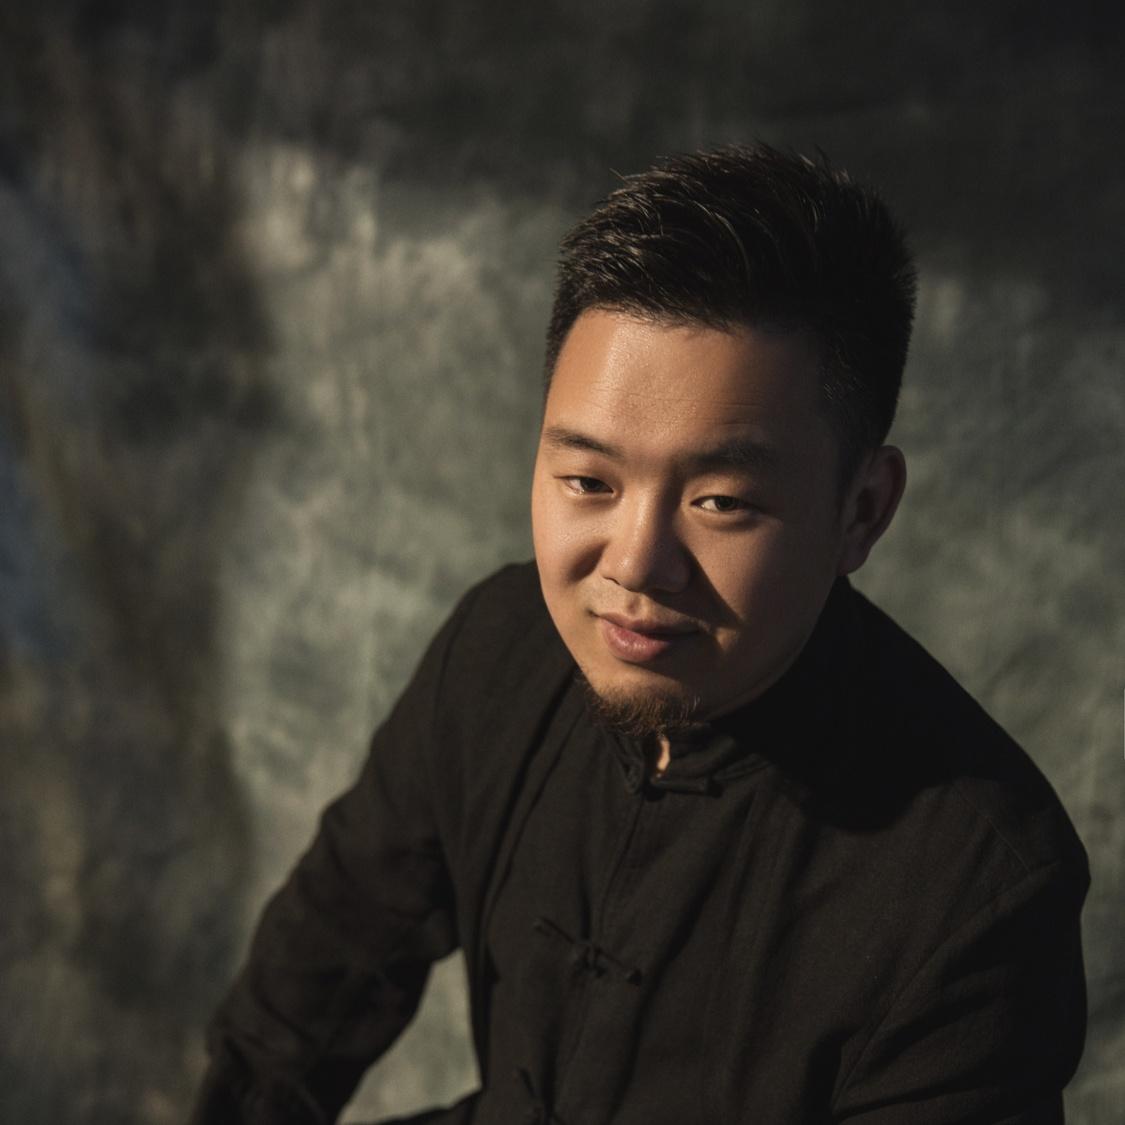 设计师蒋云学